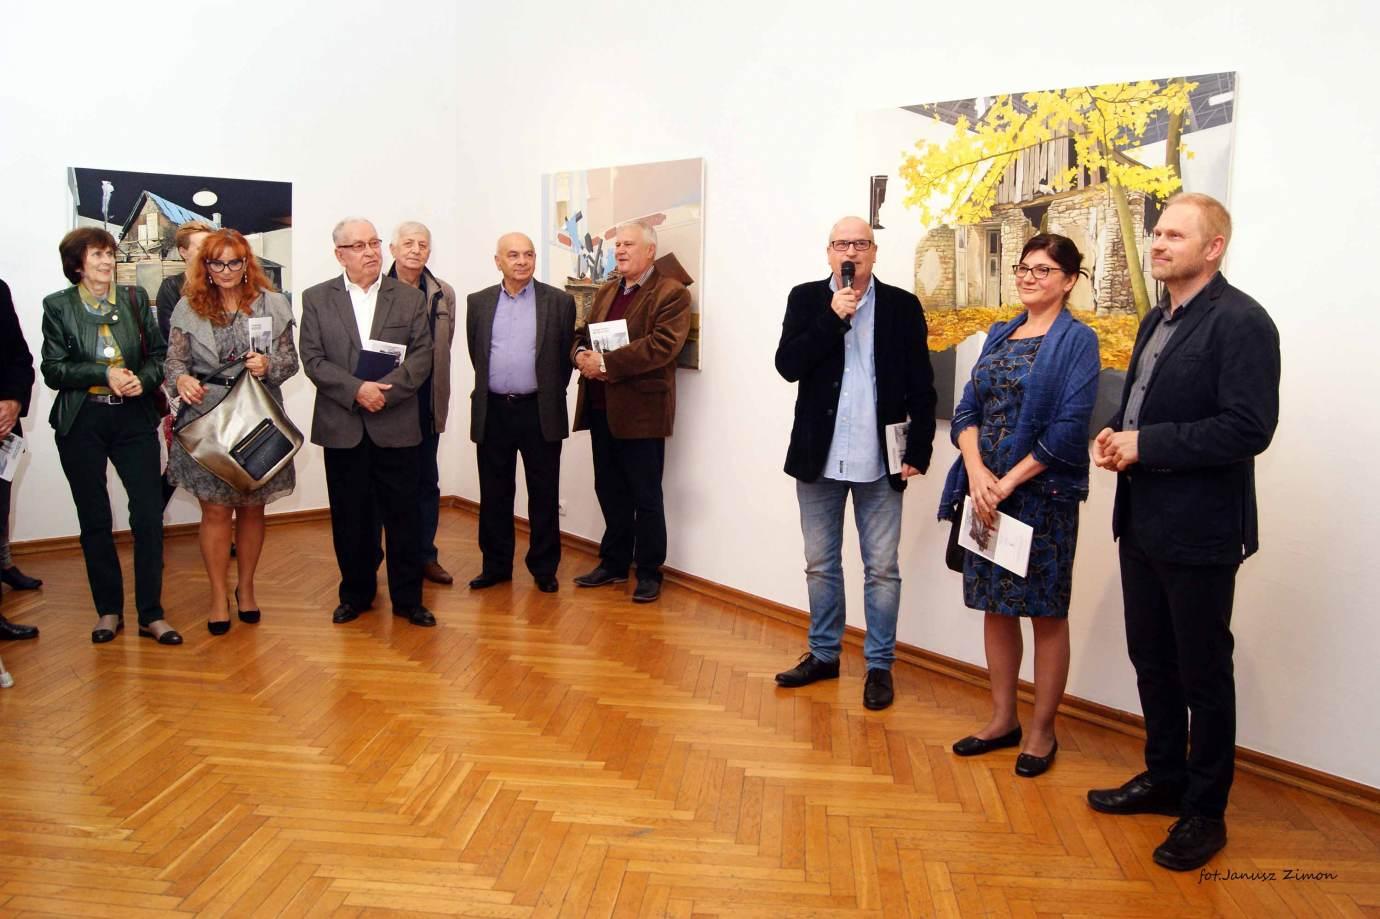 piotr tymochowicz bwa galeria zamojska fot janusz zimon 1 Zamość: Wernisaż wystawy Piotra Tymochowicza